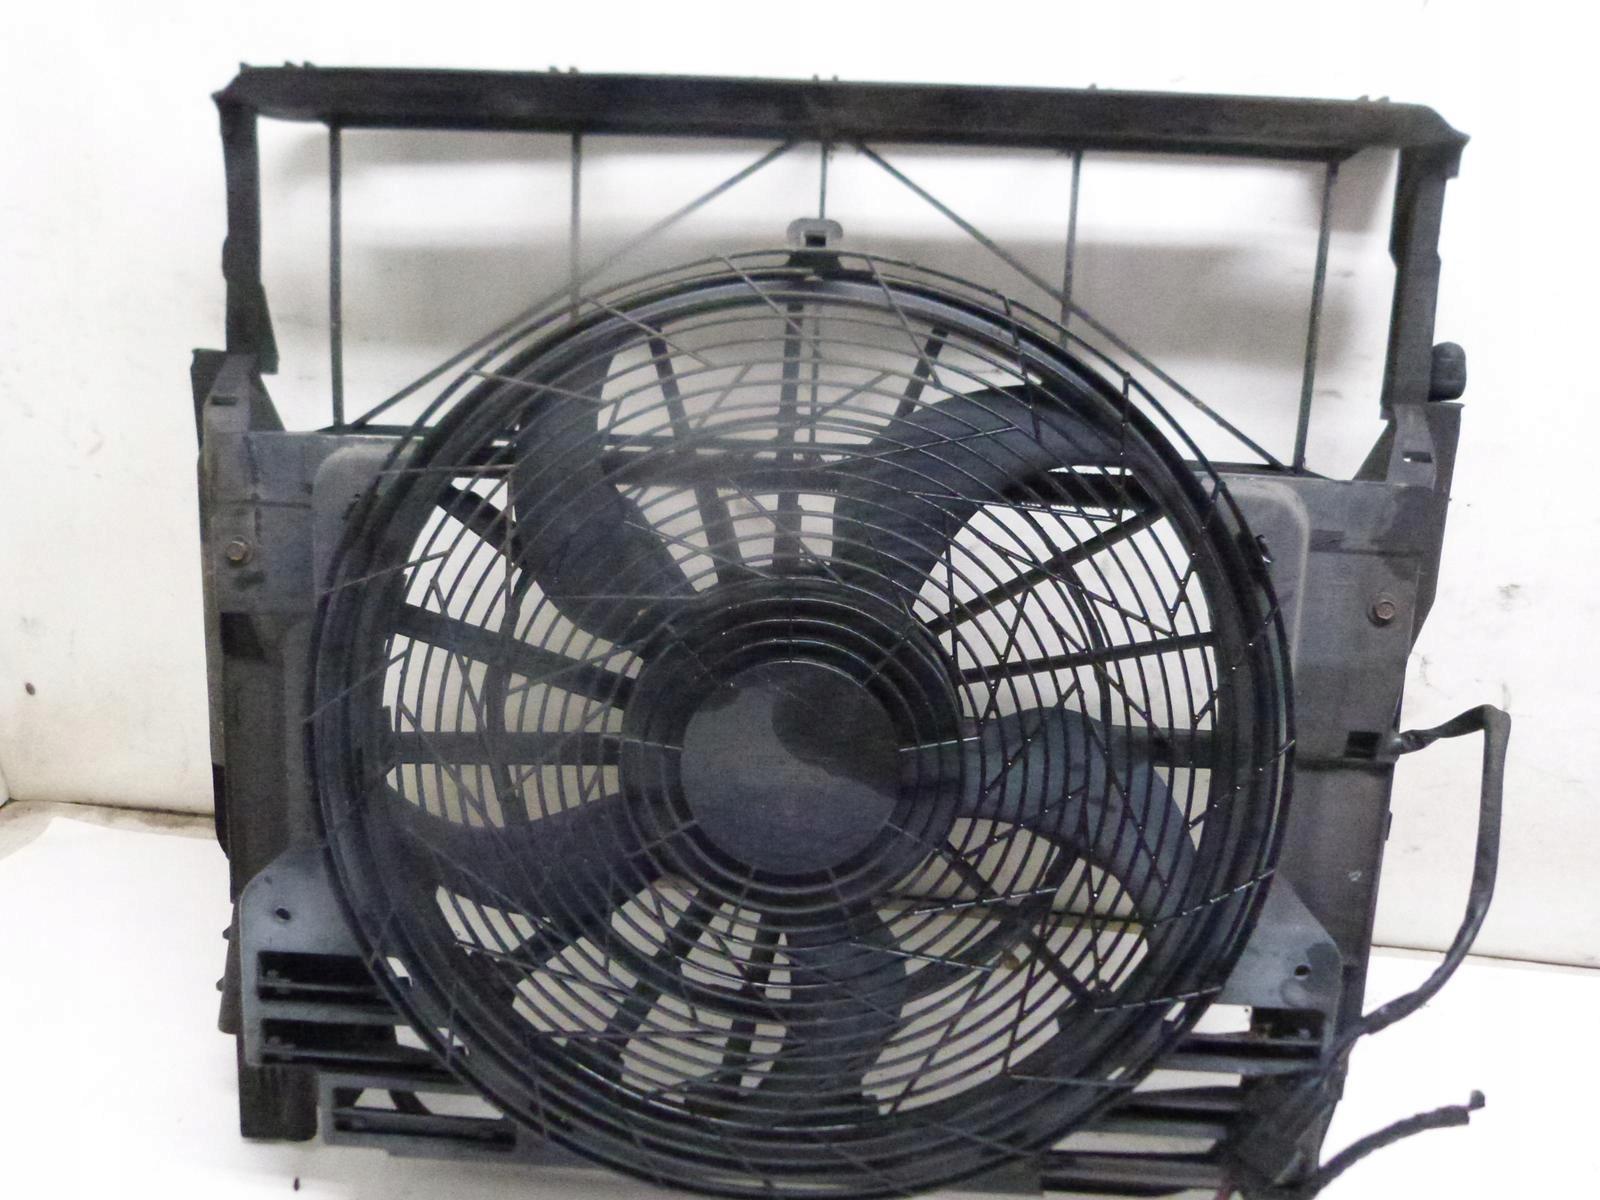 bmw x5 e53 вентилятор радиатора кондиционирования воздуха